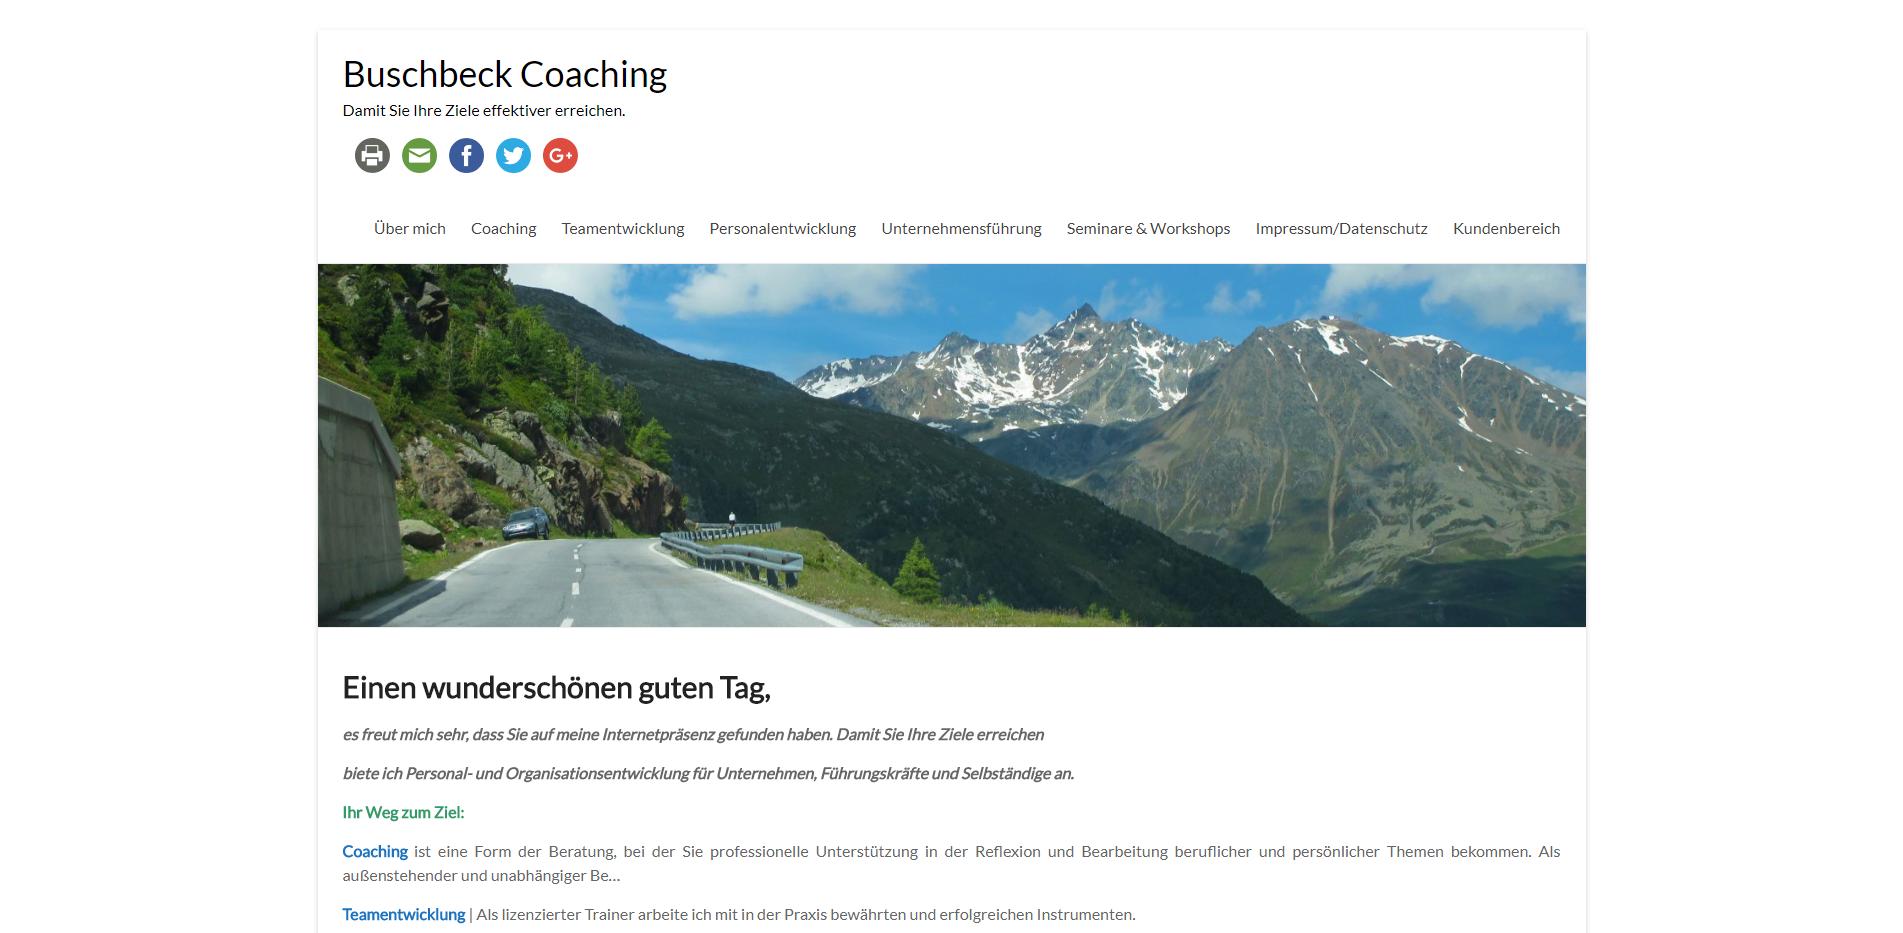 Herzlich Willkommen Buschbeck Coaching